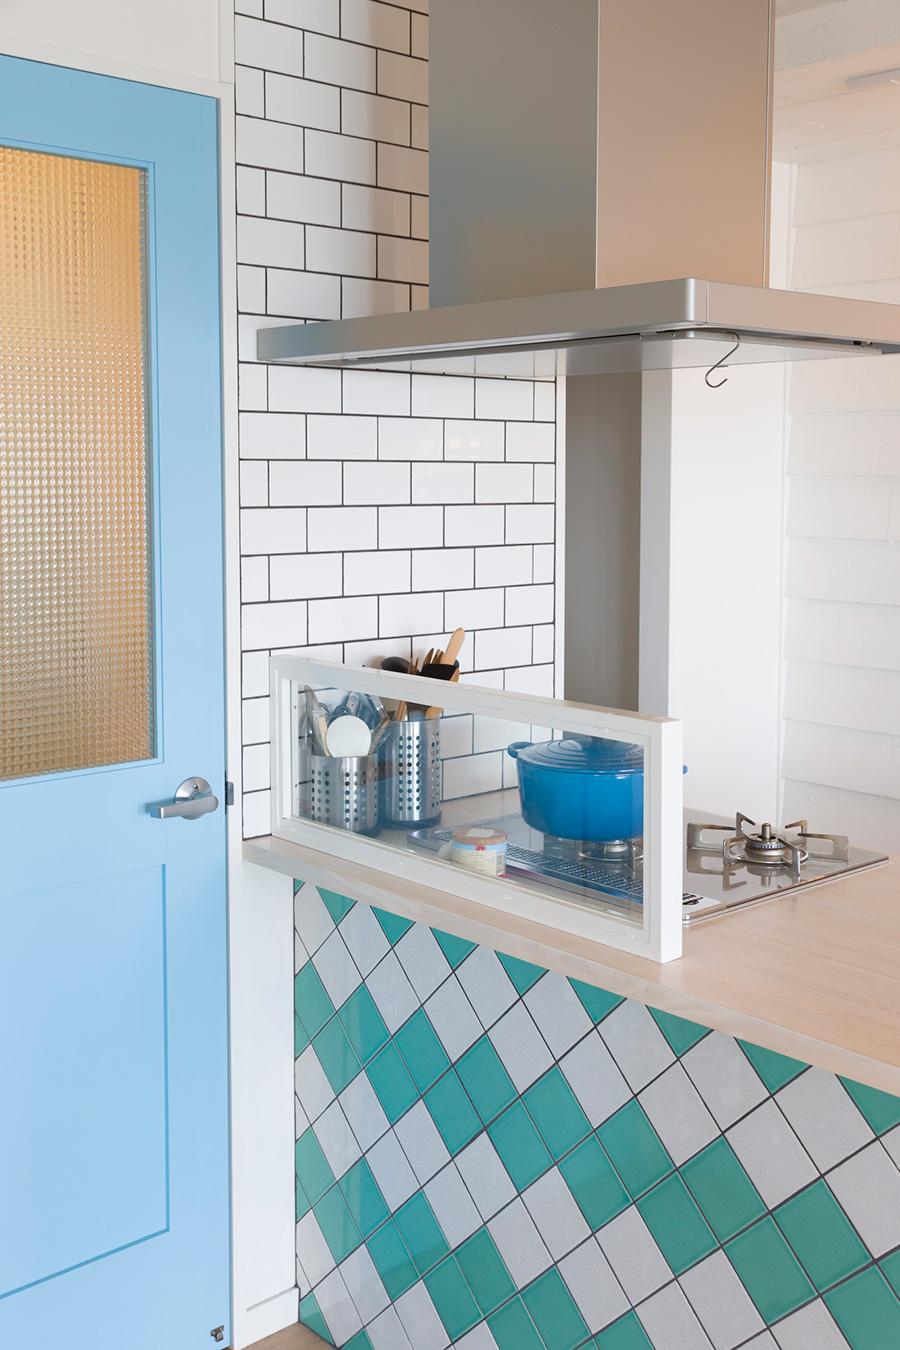 センコフ邸はブルー✕白がテーマカラー。斜めに張ったブルーと白のタイル、ブルーのドアが気持ちいい。ドアの上部はガラスにして、廊下に光が入るようにしている。